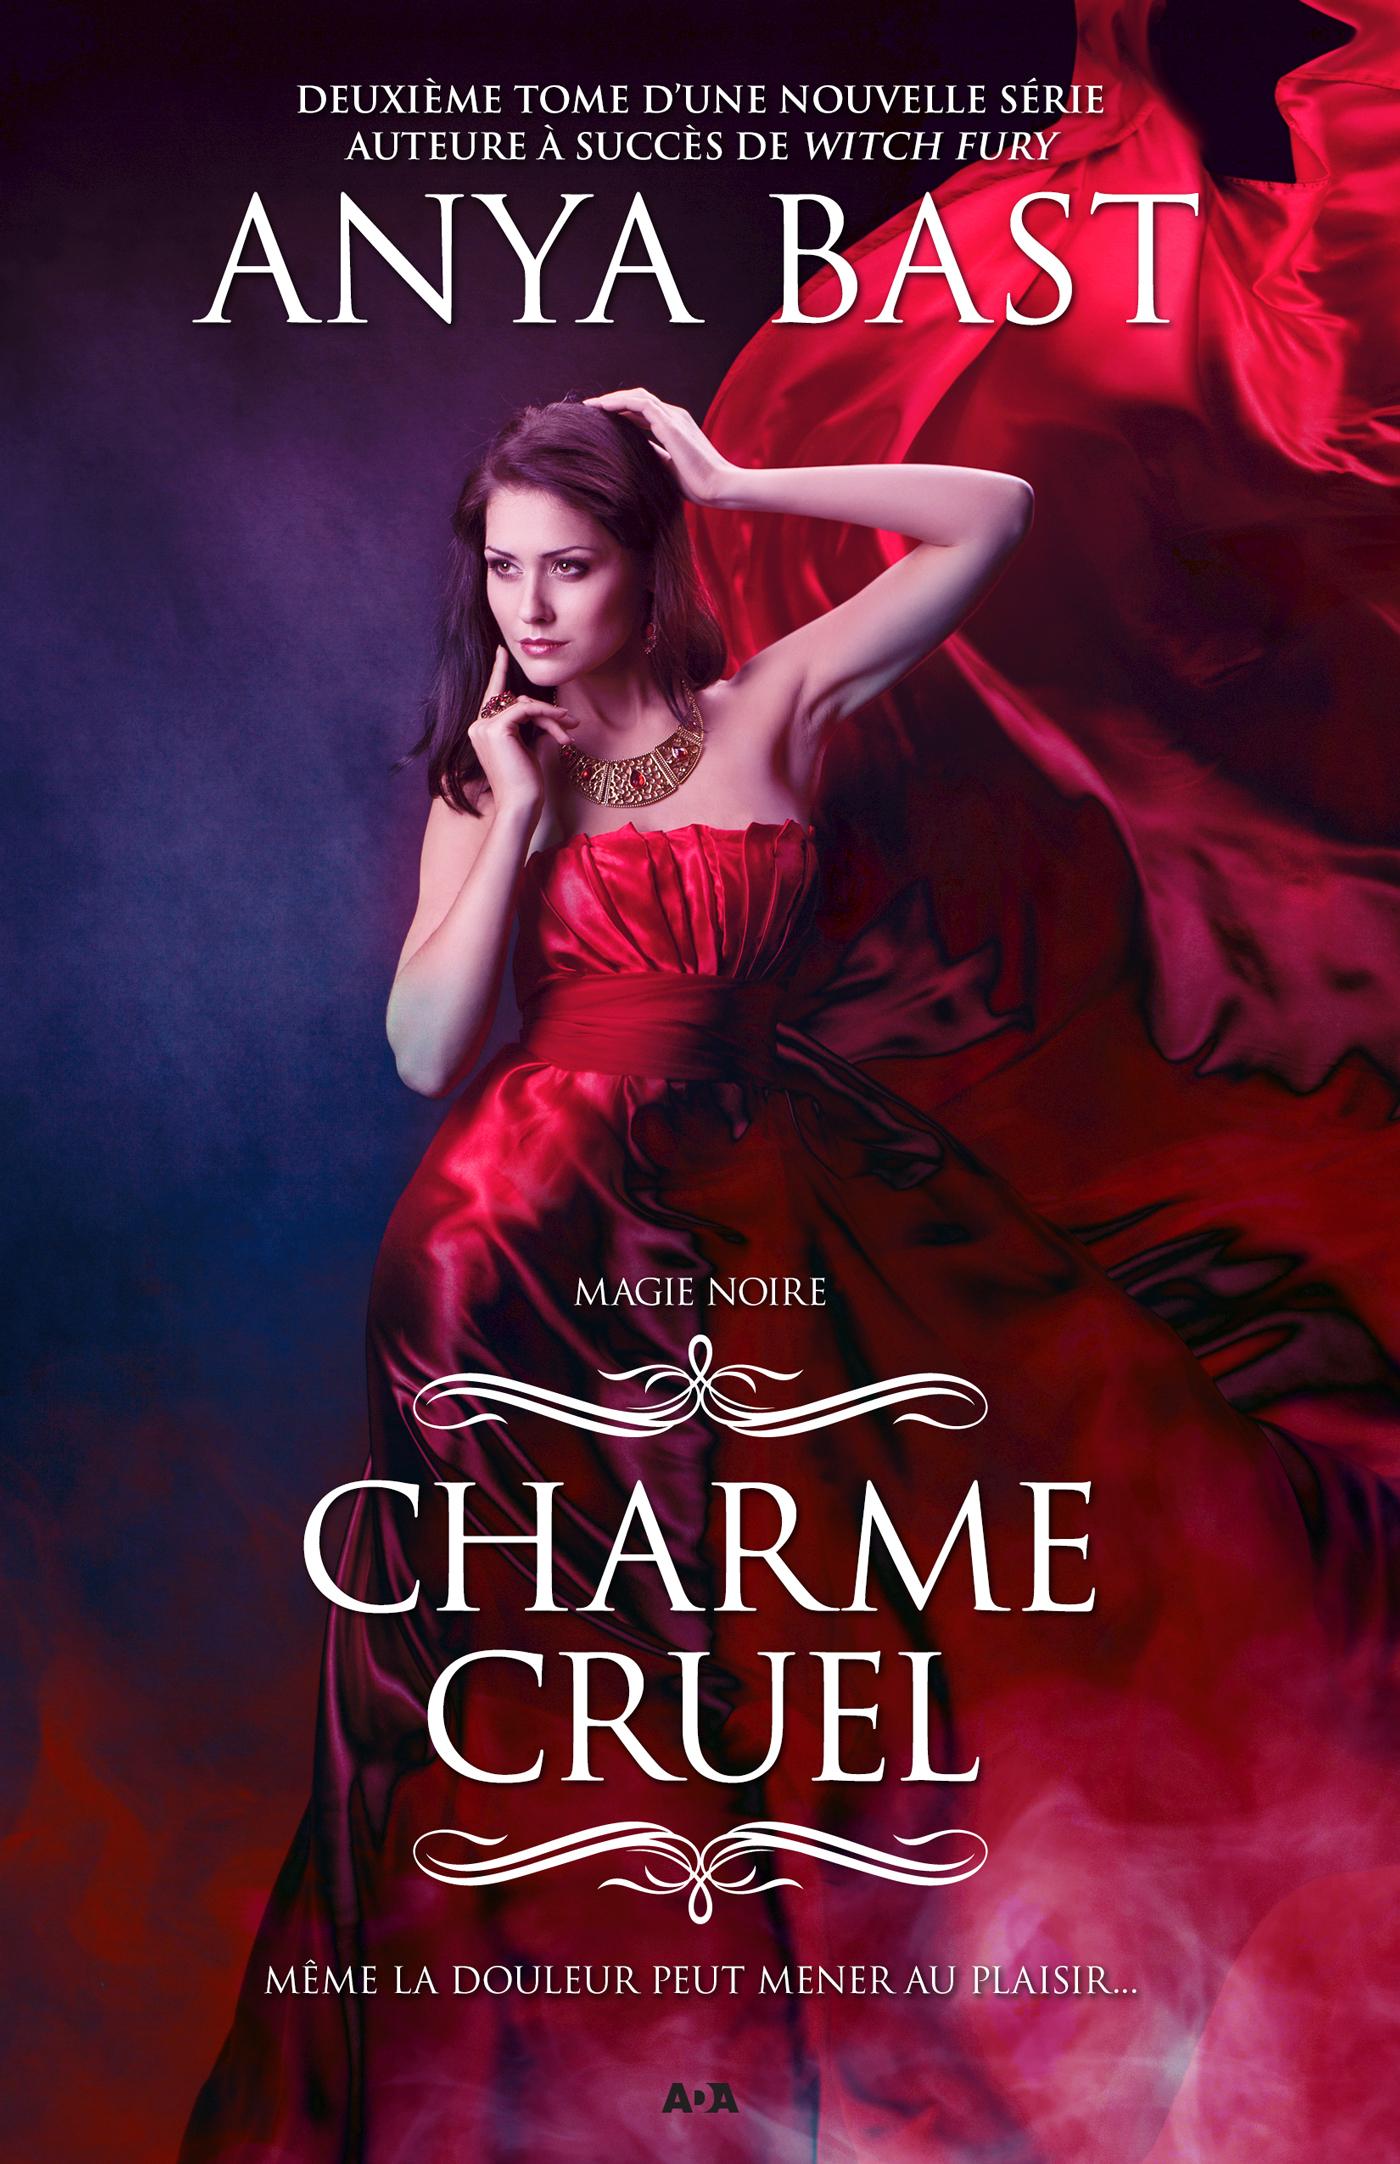 Charme cruel